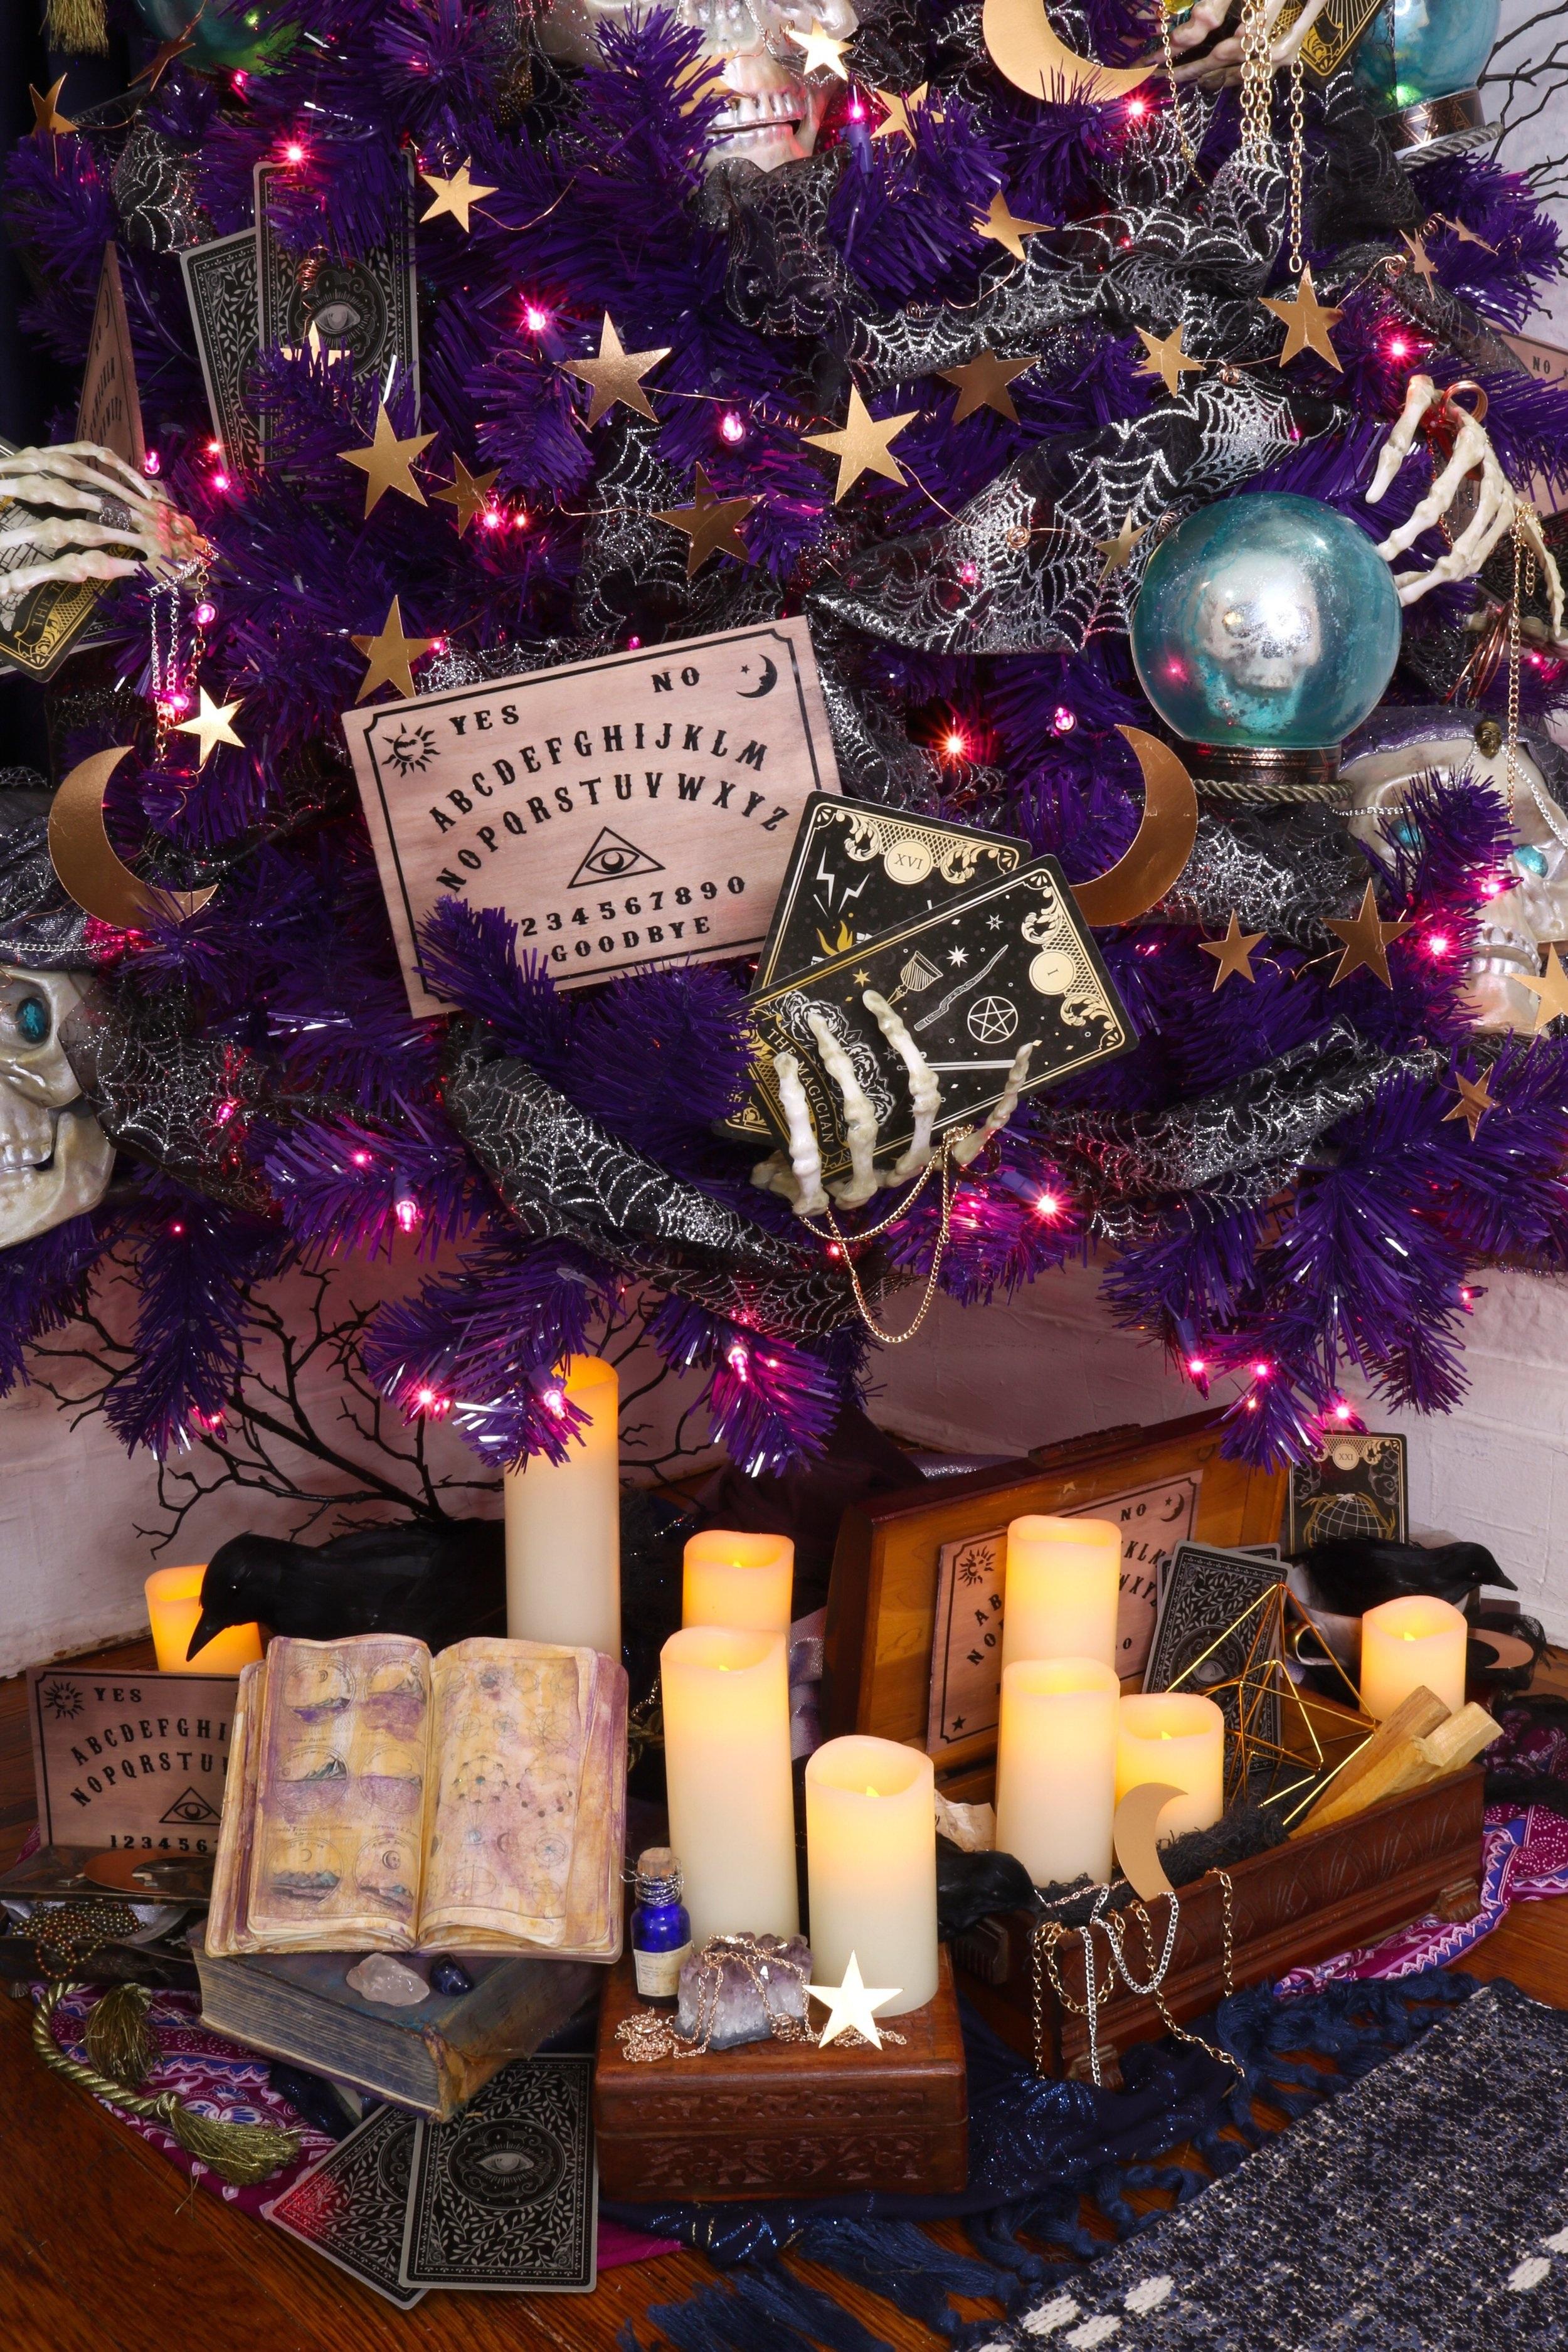 Psychic Fortune Teller Halloween Tree Diy and Treetopia Giveaway! #Halloween #Halloweendecor #halloweendiy #hauntedhouse #halloweentree #halloweenornamnets #psychic #fortuneteller #mystical #treetopia #halloweengiveaway #halloweenchristmastree #notsospookyhalloween #skeleton #fortune #vintagehalloween #purpletree